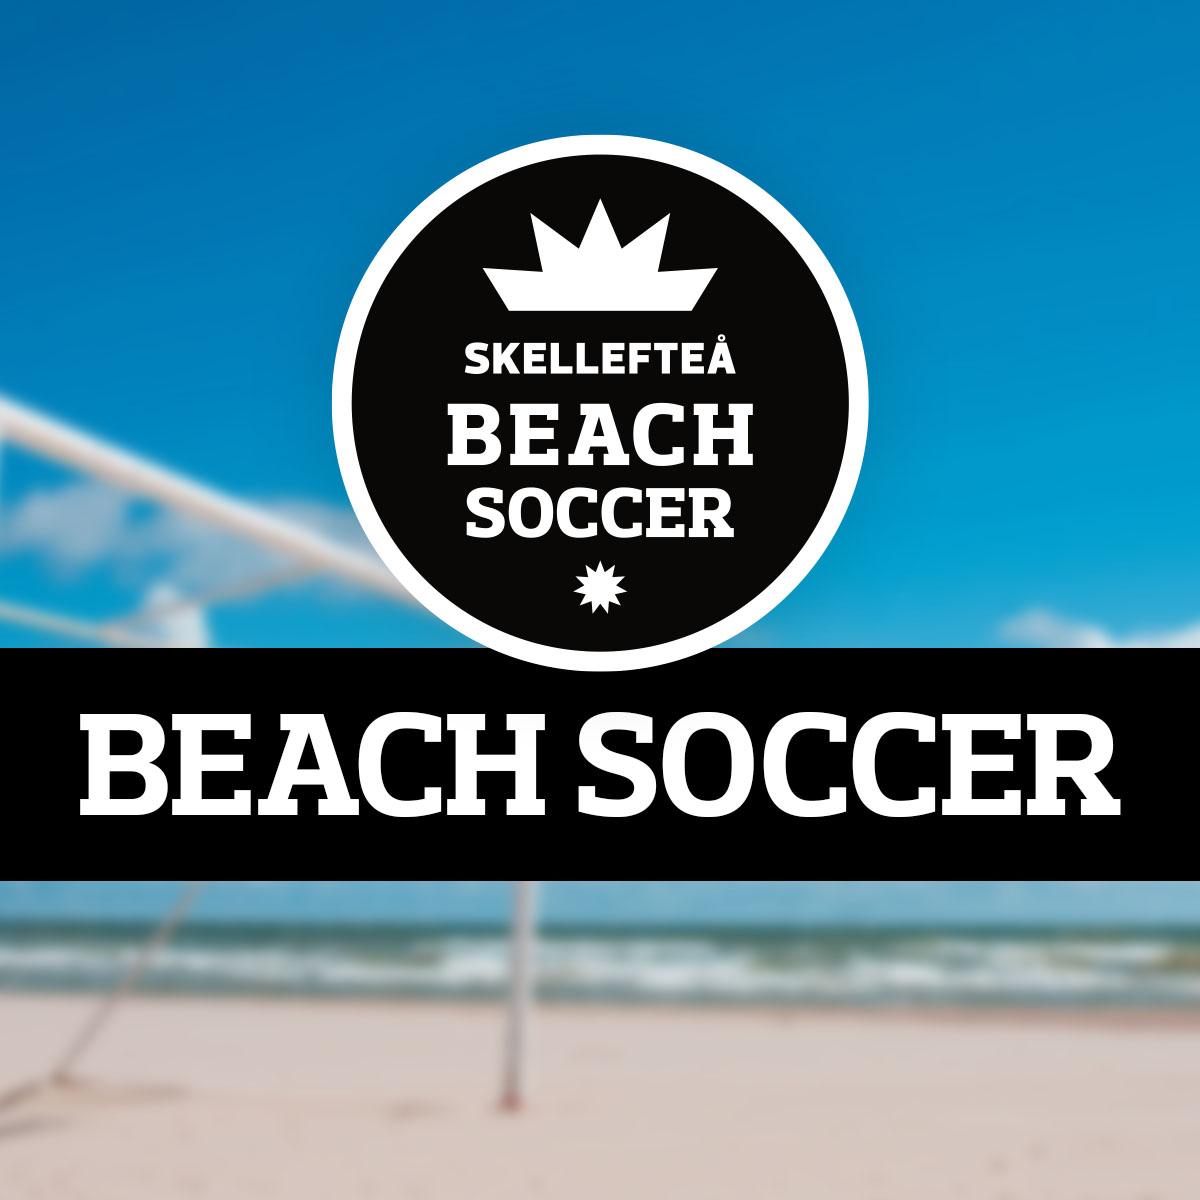 Skellefteå Beach Soccer